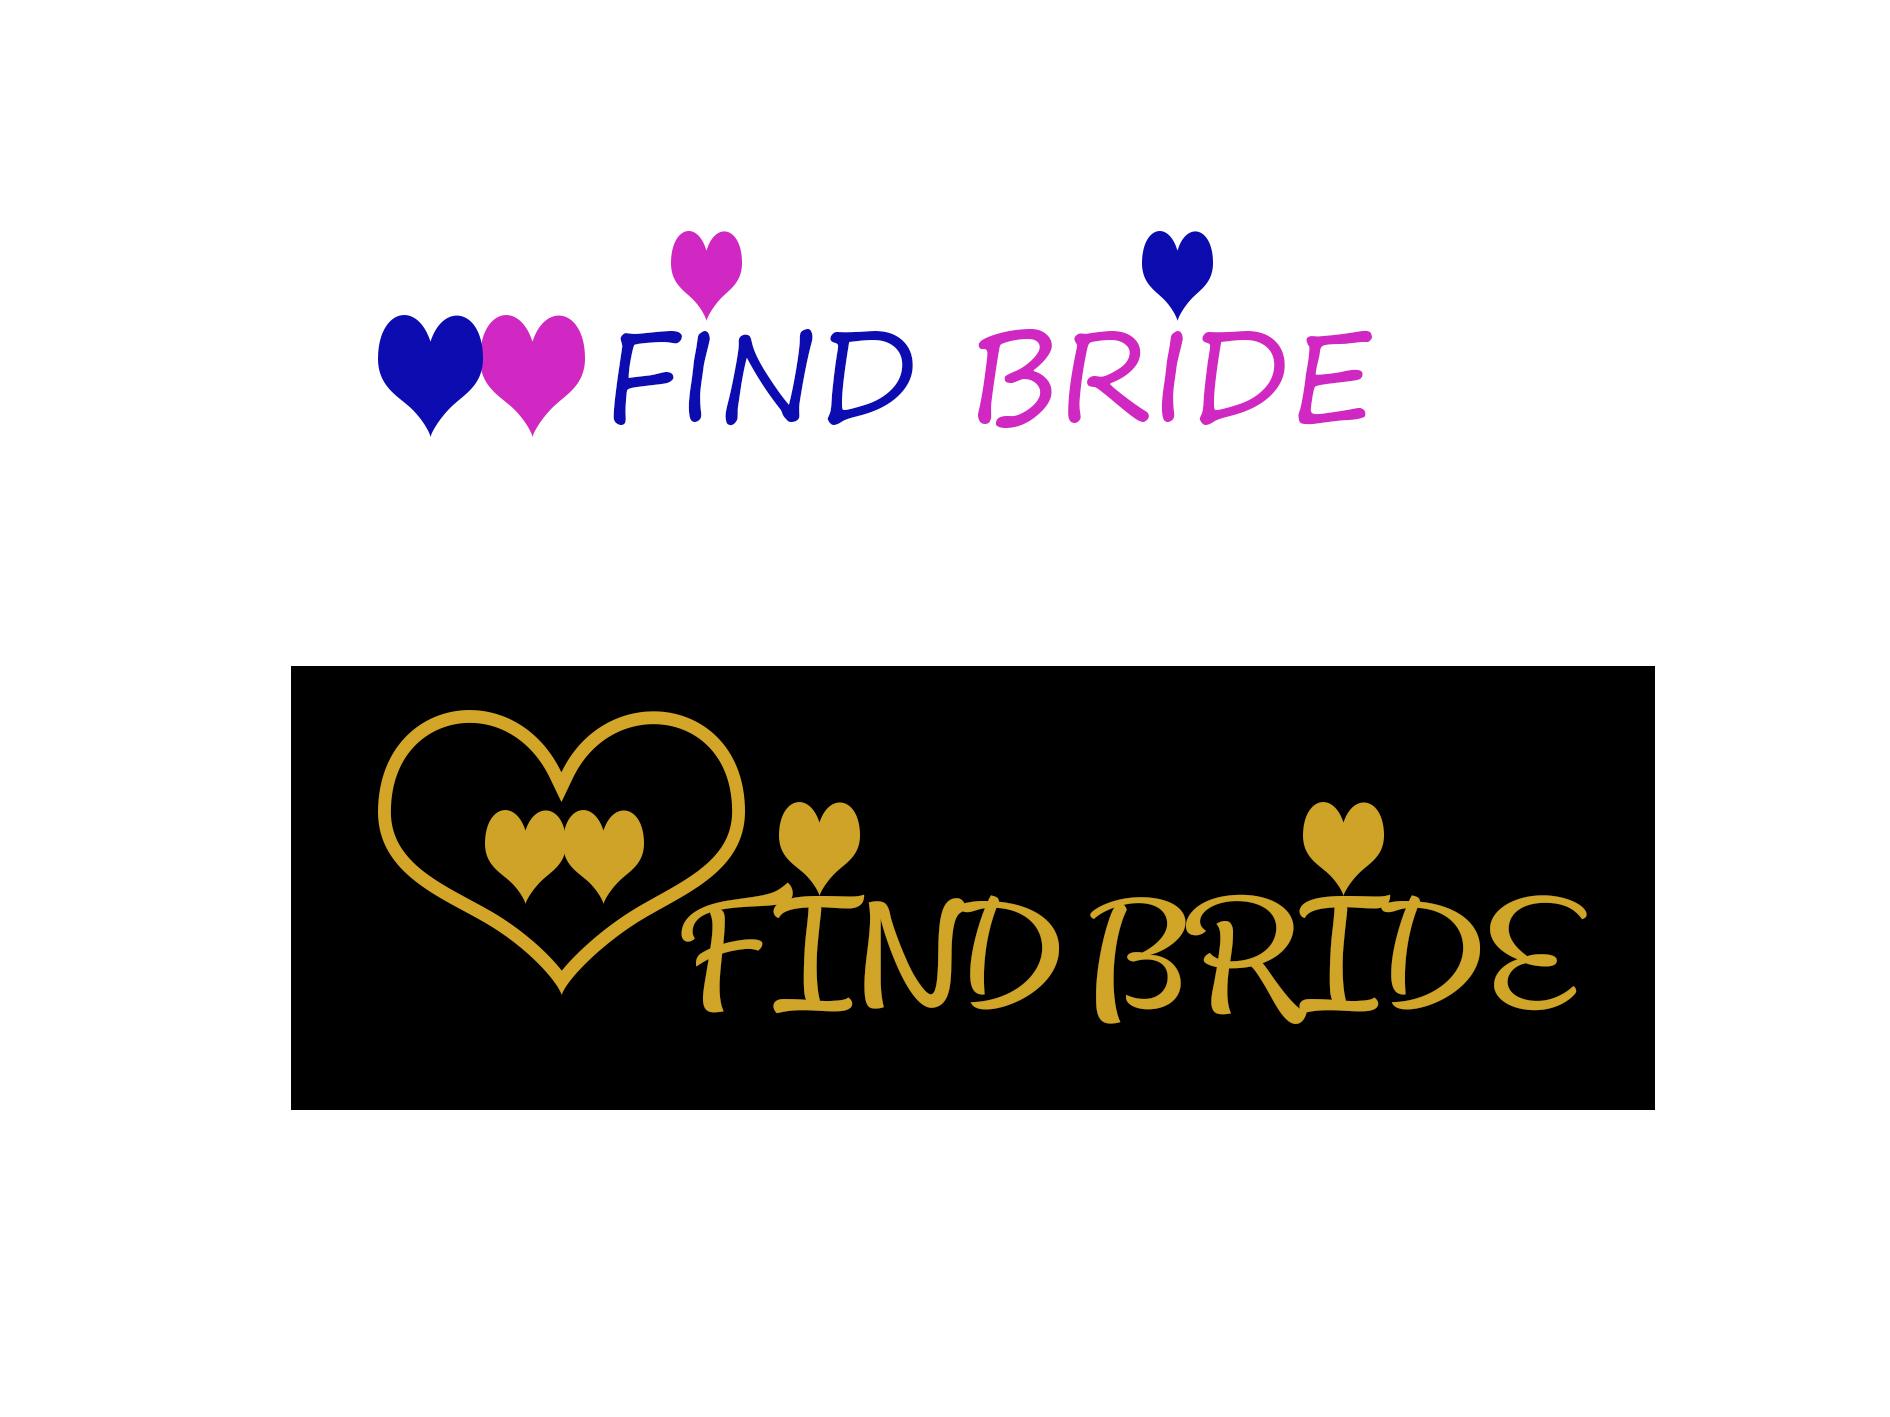 Нарисовать логотип сайта знакомств фото f_2035ad2447584786.jpg